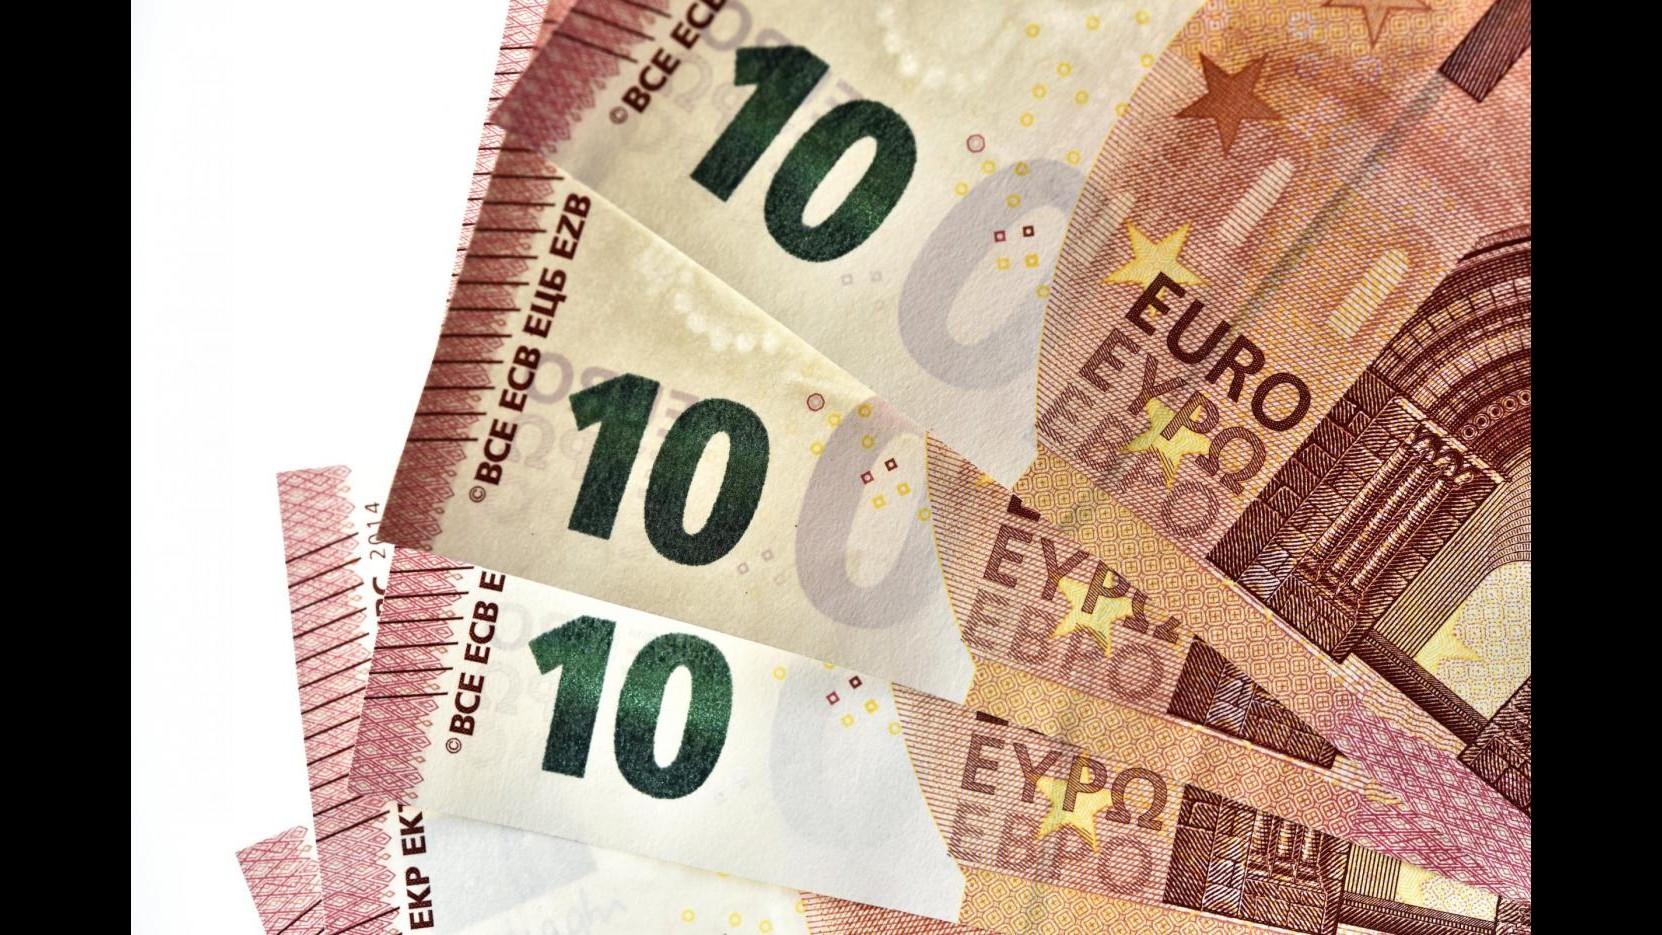 Acri-Ipsos: Quasi 1 italiano su 2 non ha fiducia in politiche Ue